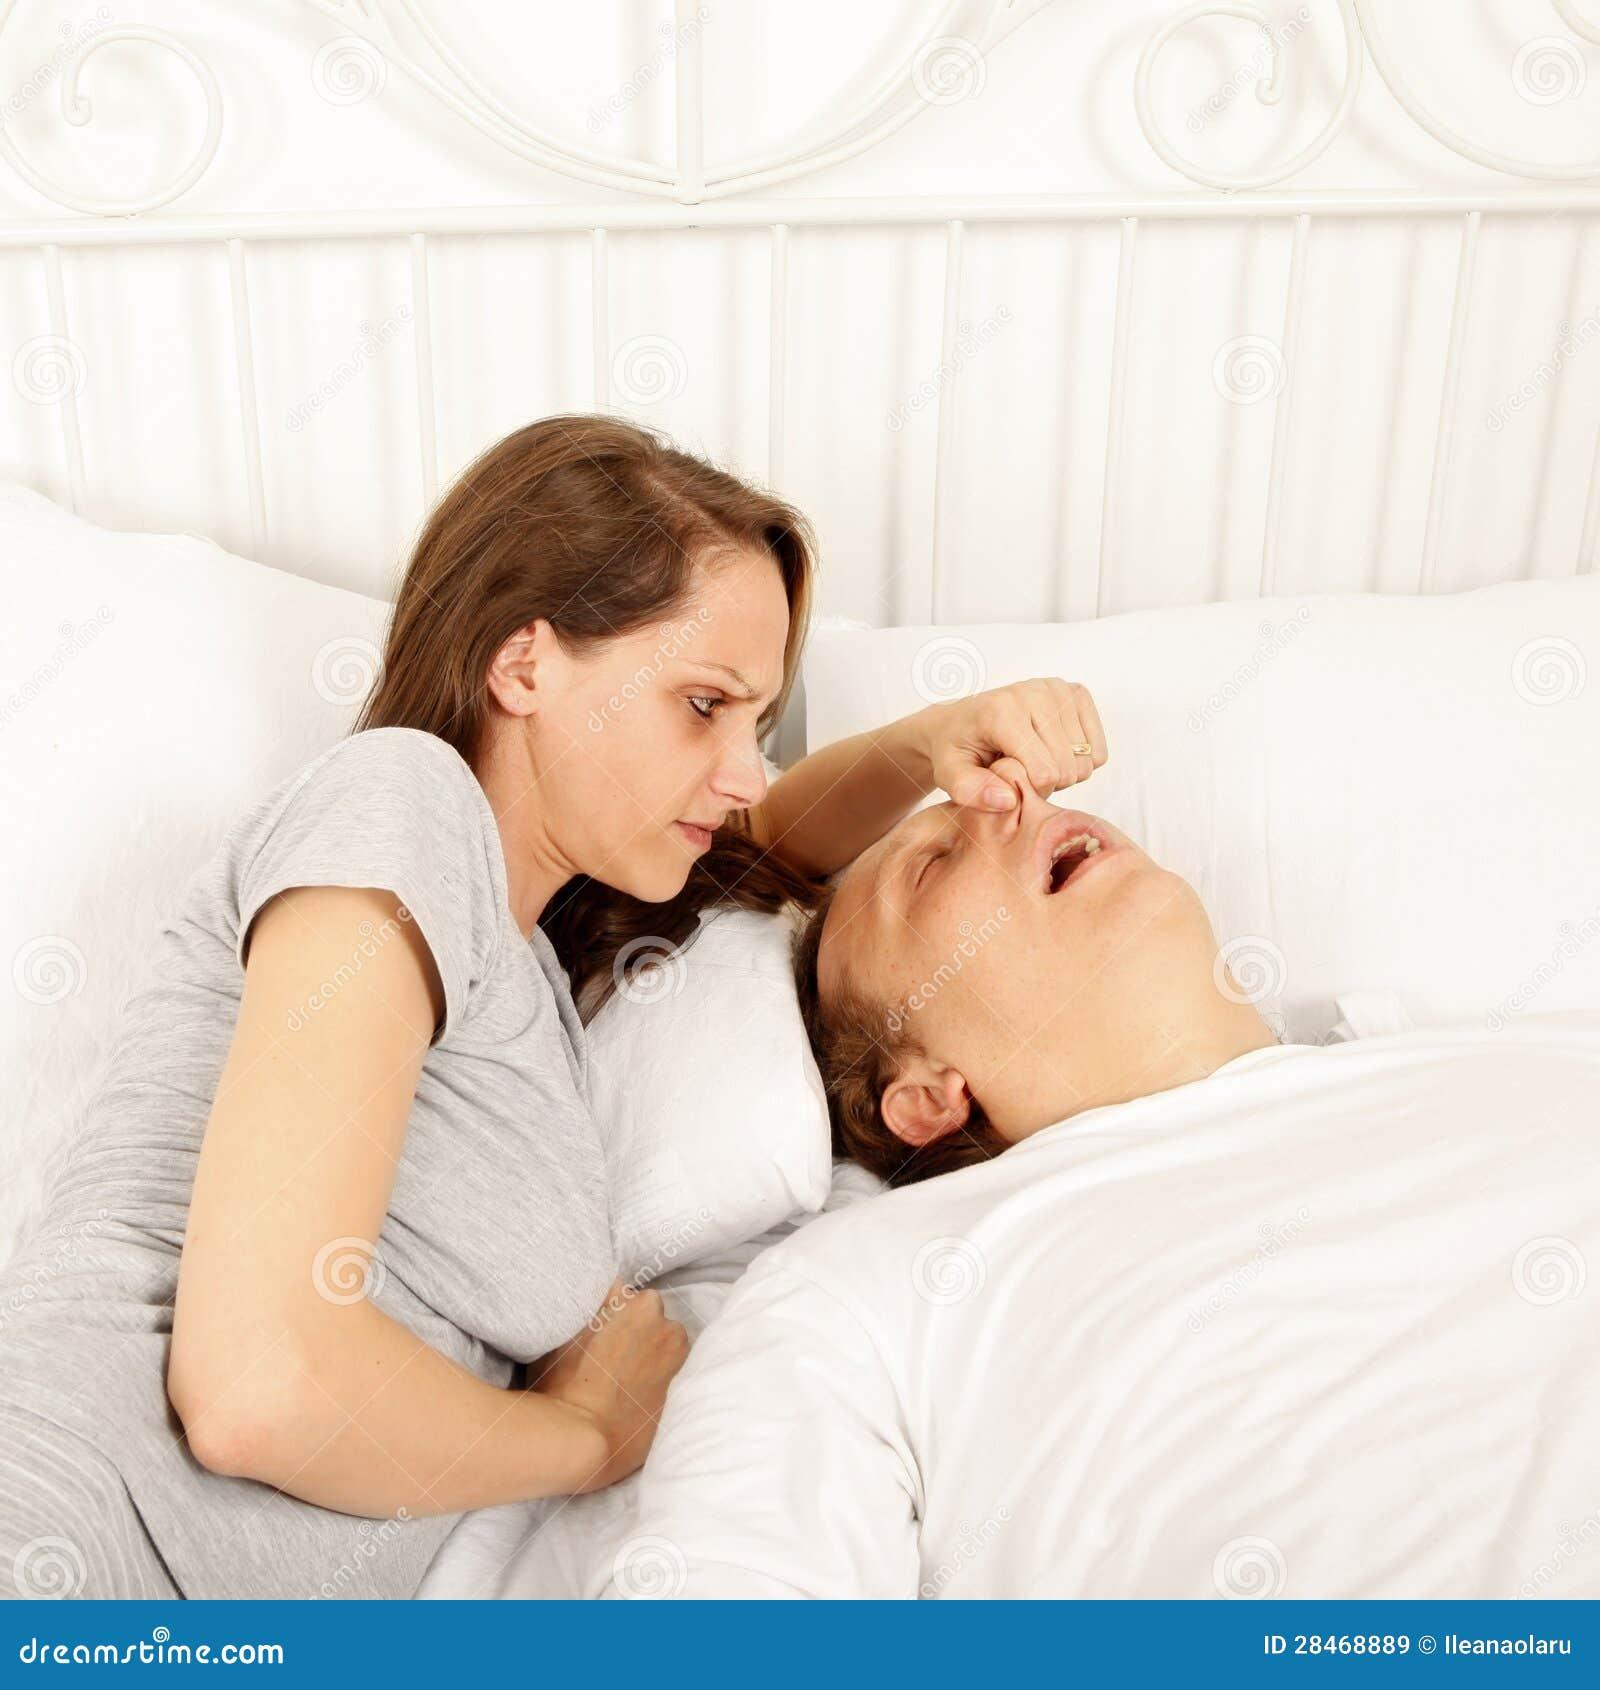 Why snoring men